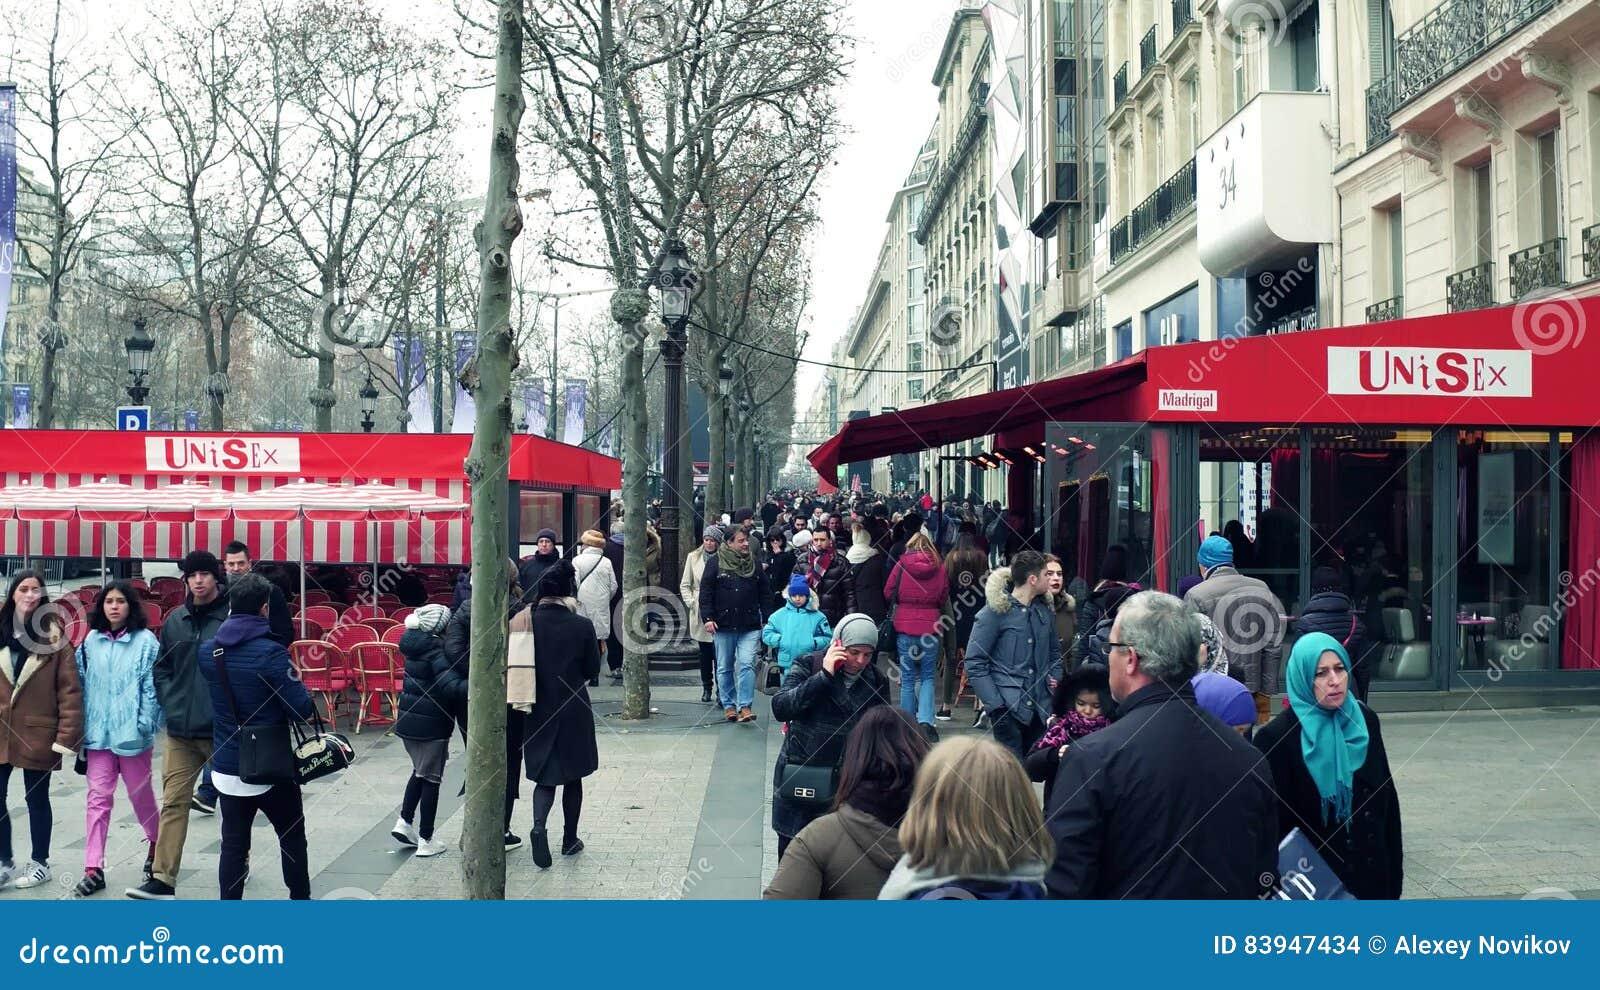 Beroemde Mensen In Parijs.Parijs Frankrijk December 31 2016 De Mensen Lopen Op Beroemde